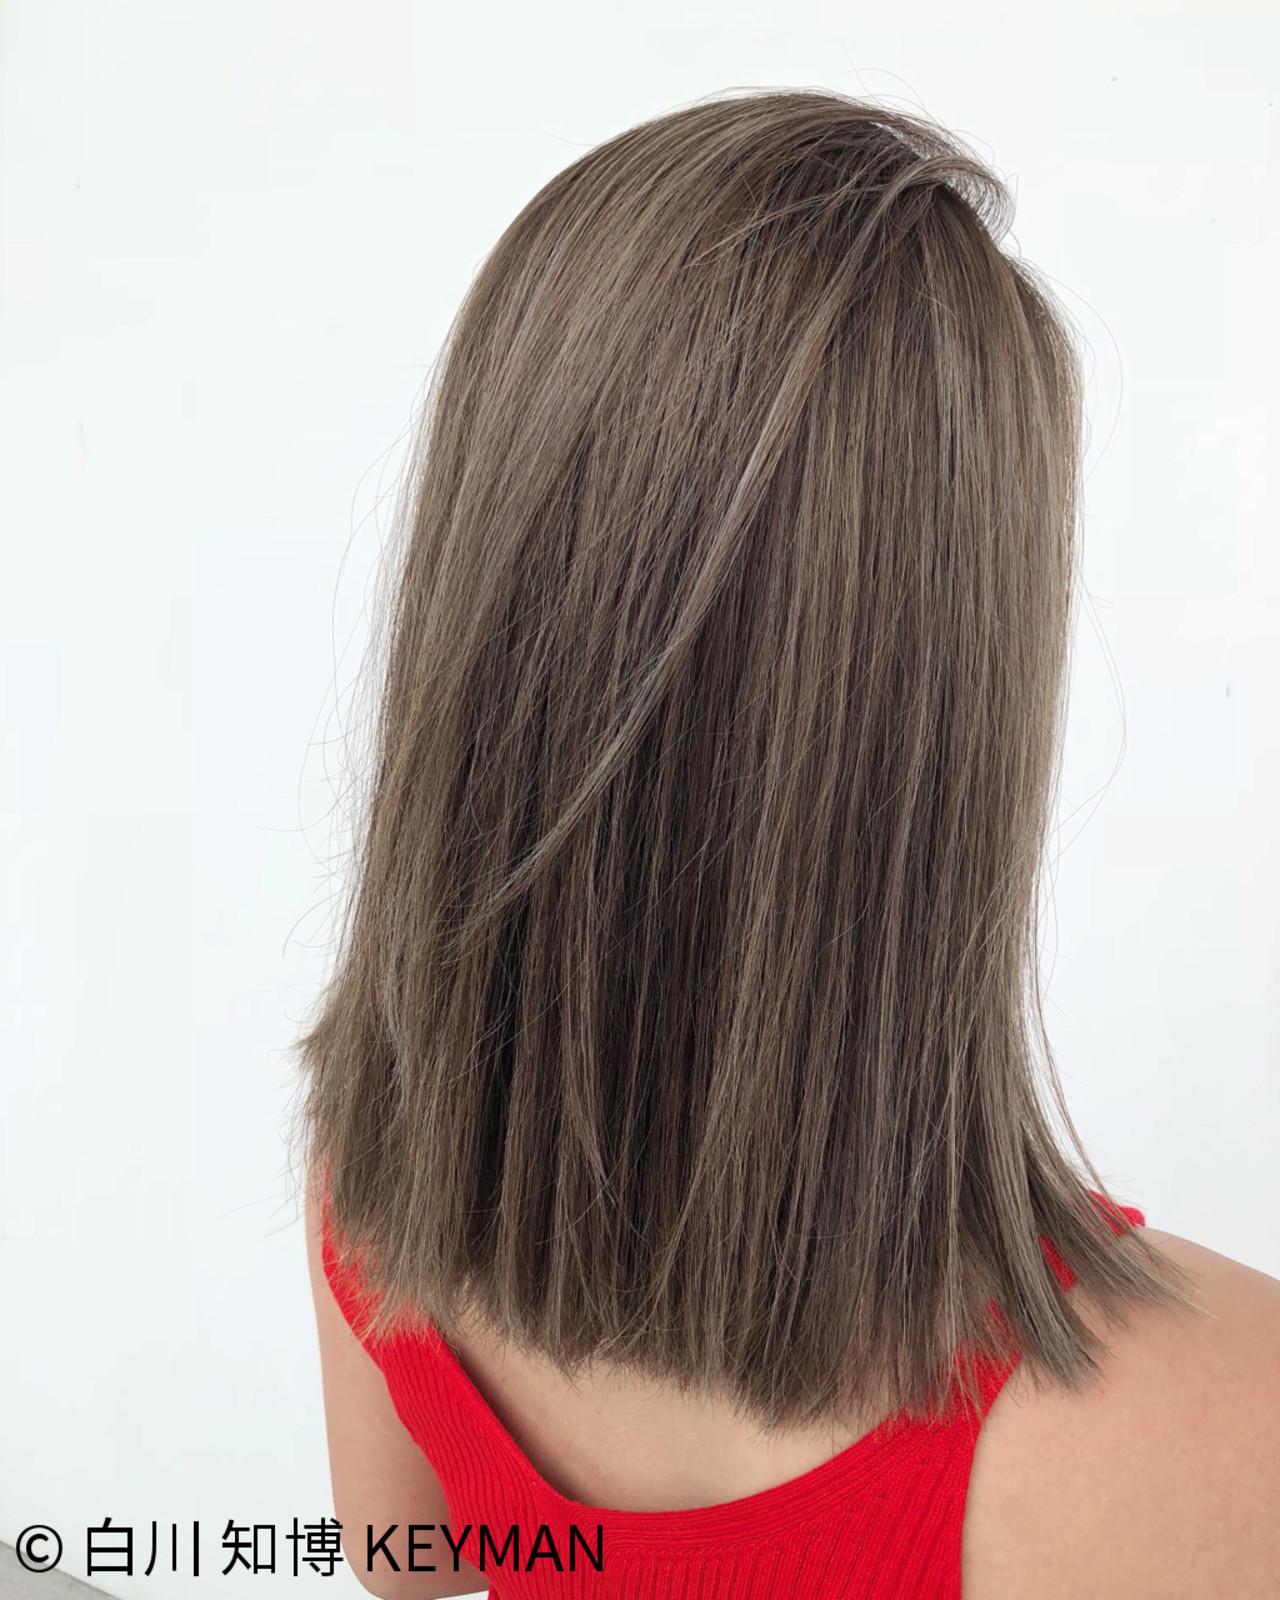 ストリート ミディアム ロブ ボブ ヘアスタイルや髪型の写真・画像 | 白川 知博 / KEYMAN